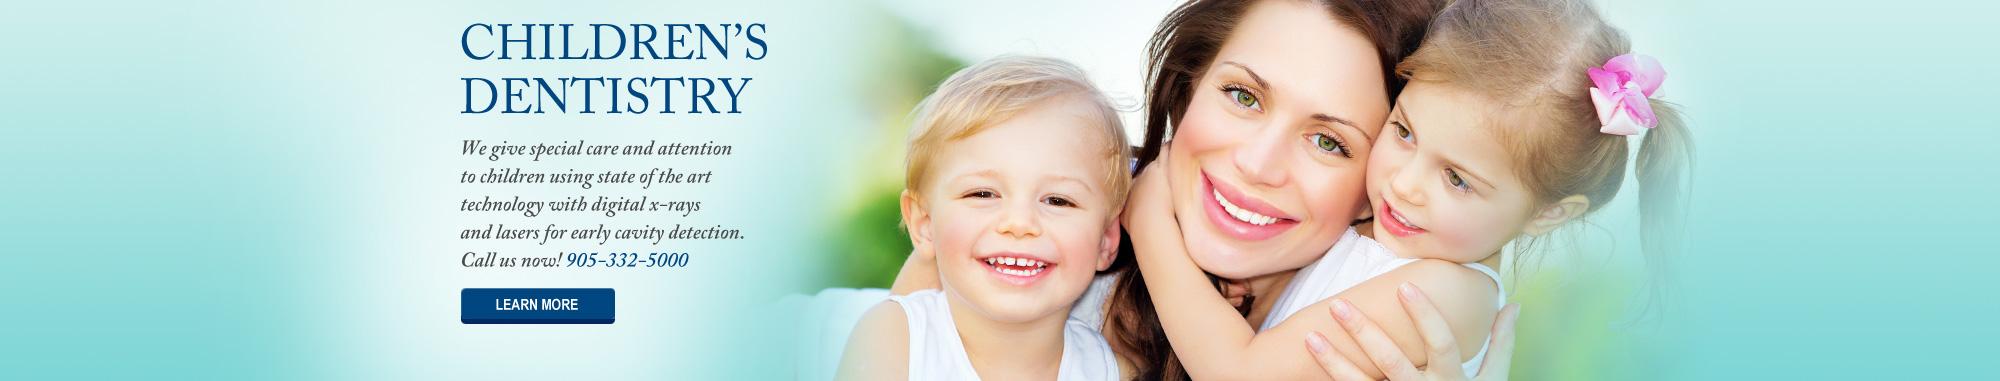 slider children's dentistry